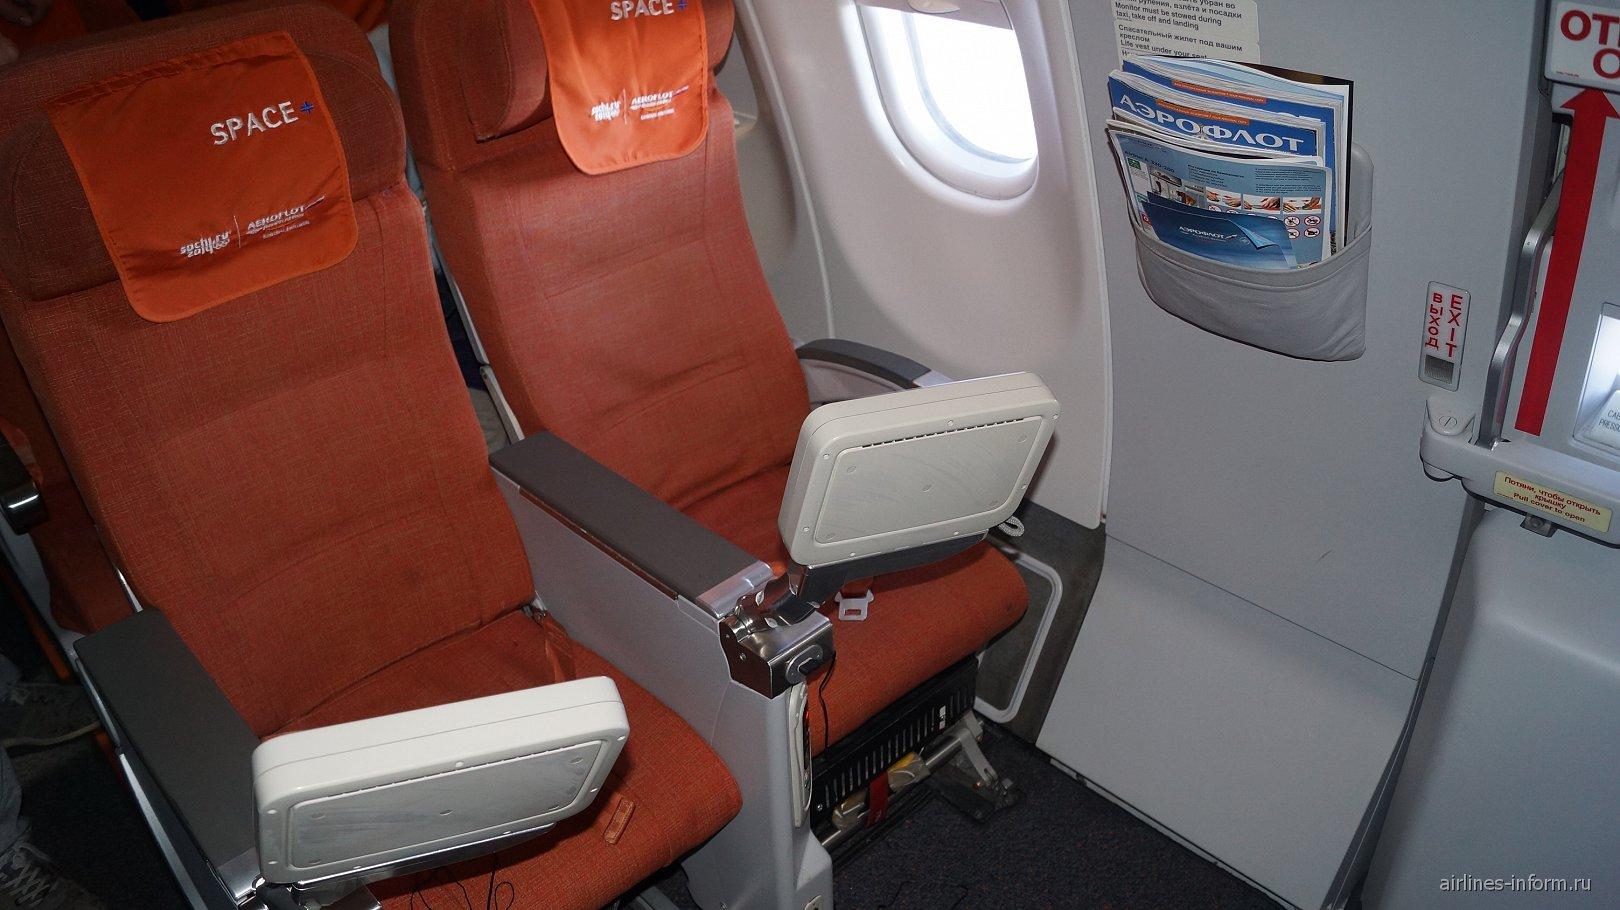 Кресла Space+ с индивидуальными мониторами в самолете Airbus A330-200 Аэрофлота